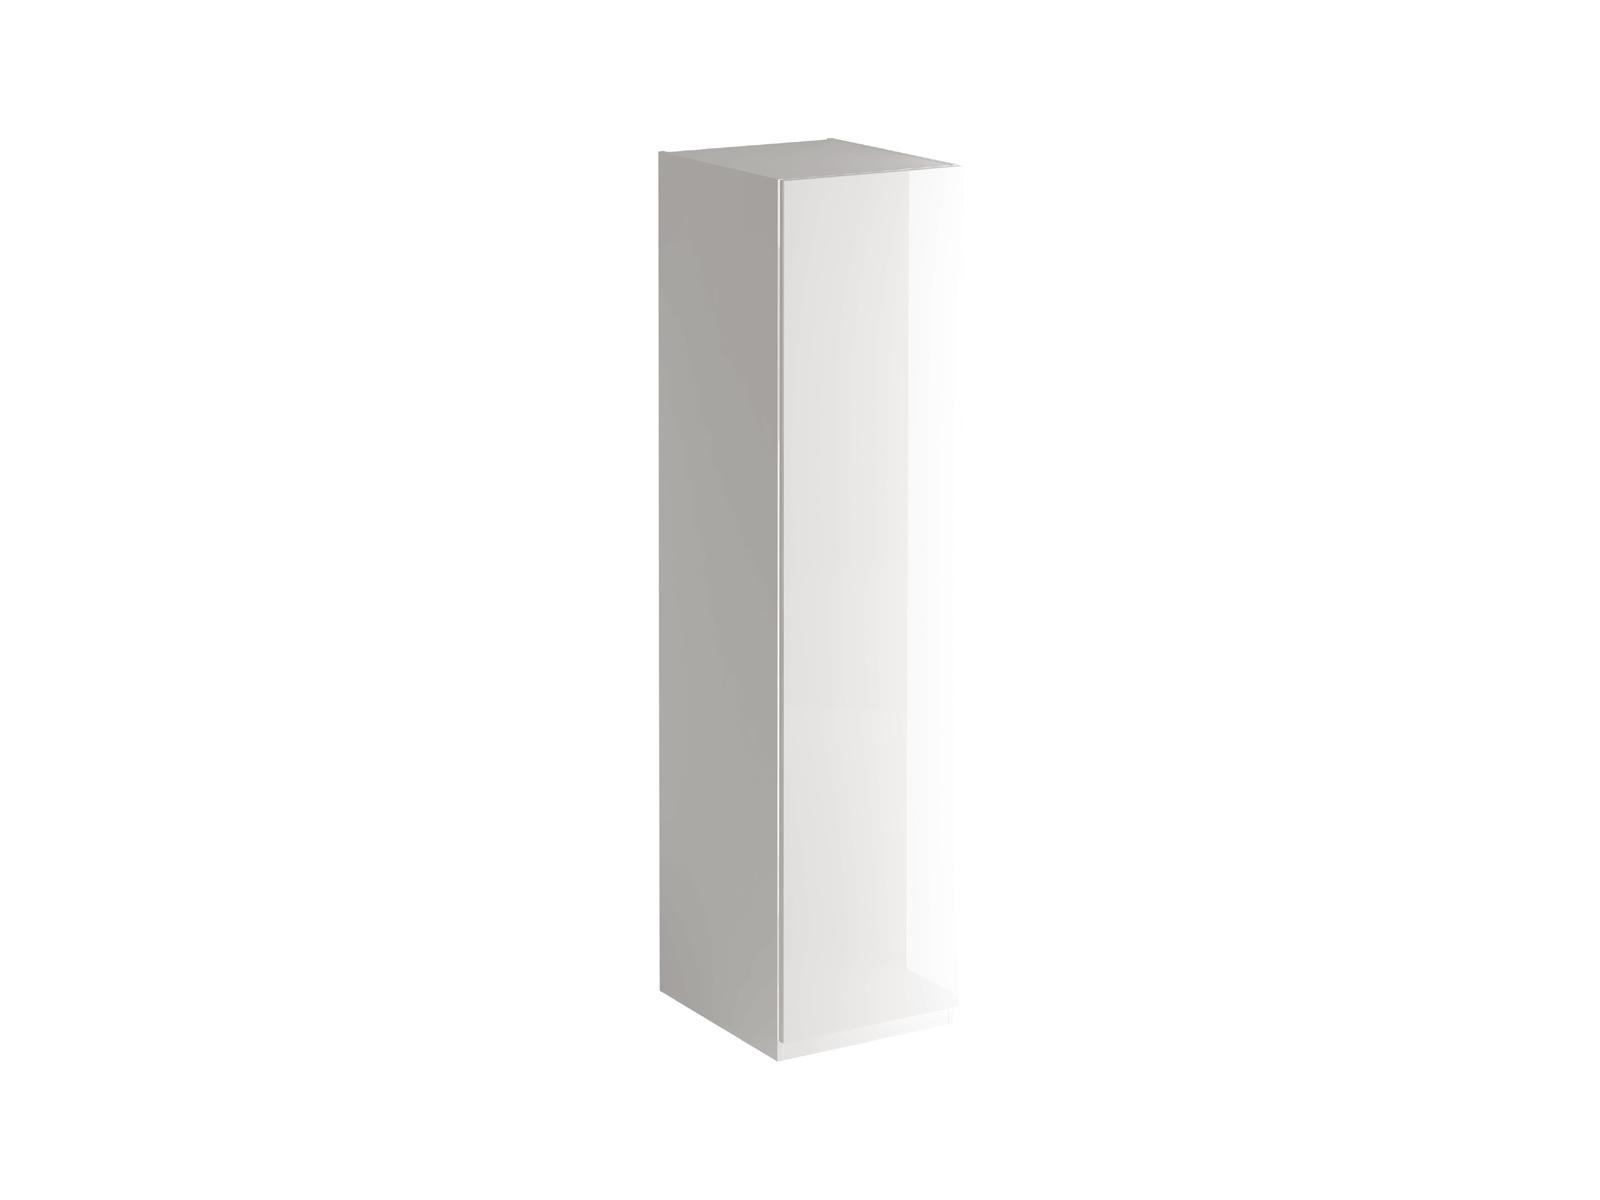 Шкаф IntraПлатяные шкафы<br>&amp;lt;div&amp;gt;Особенностью коллекции для спальни Intra являются фасады, естественная белизна которых стала возможна благодаря использованию осветленного прозрачного стекла европейского производства. Наполнение шкафов (полки и ящики) выполнены в цвете Дуб Гальяно.&amp;amp;nbsp;&amp;lt;/div&amp;gt;&amp;lt;div&amp;gt;&amp;lt;br&amp;gt;&amp;lt;/div&amp;gt;&amp;lt;div&amp;gt;Материалы:&amp;lt;/div&amp;gt;&amp;lt;div&amp;gt;Каркас: ЛДСП толщиной 16мм&amp;lt;/div&amp;gt;&amp;lt;div&amp;gt;Фасад: ЛДСП толщиной 16мм с наклеенным стеклом&amp;lt;/div&amp;gt;&amp;lt;div&amp;gt;Задняя стенка – ДВПО 3,2 мм Белая&amp;lt;/div&amp;gt;<br><br>Material: ДСП<br>Ширина см: 50<br>Высота см: 210<br>Глубина см: 58